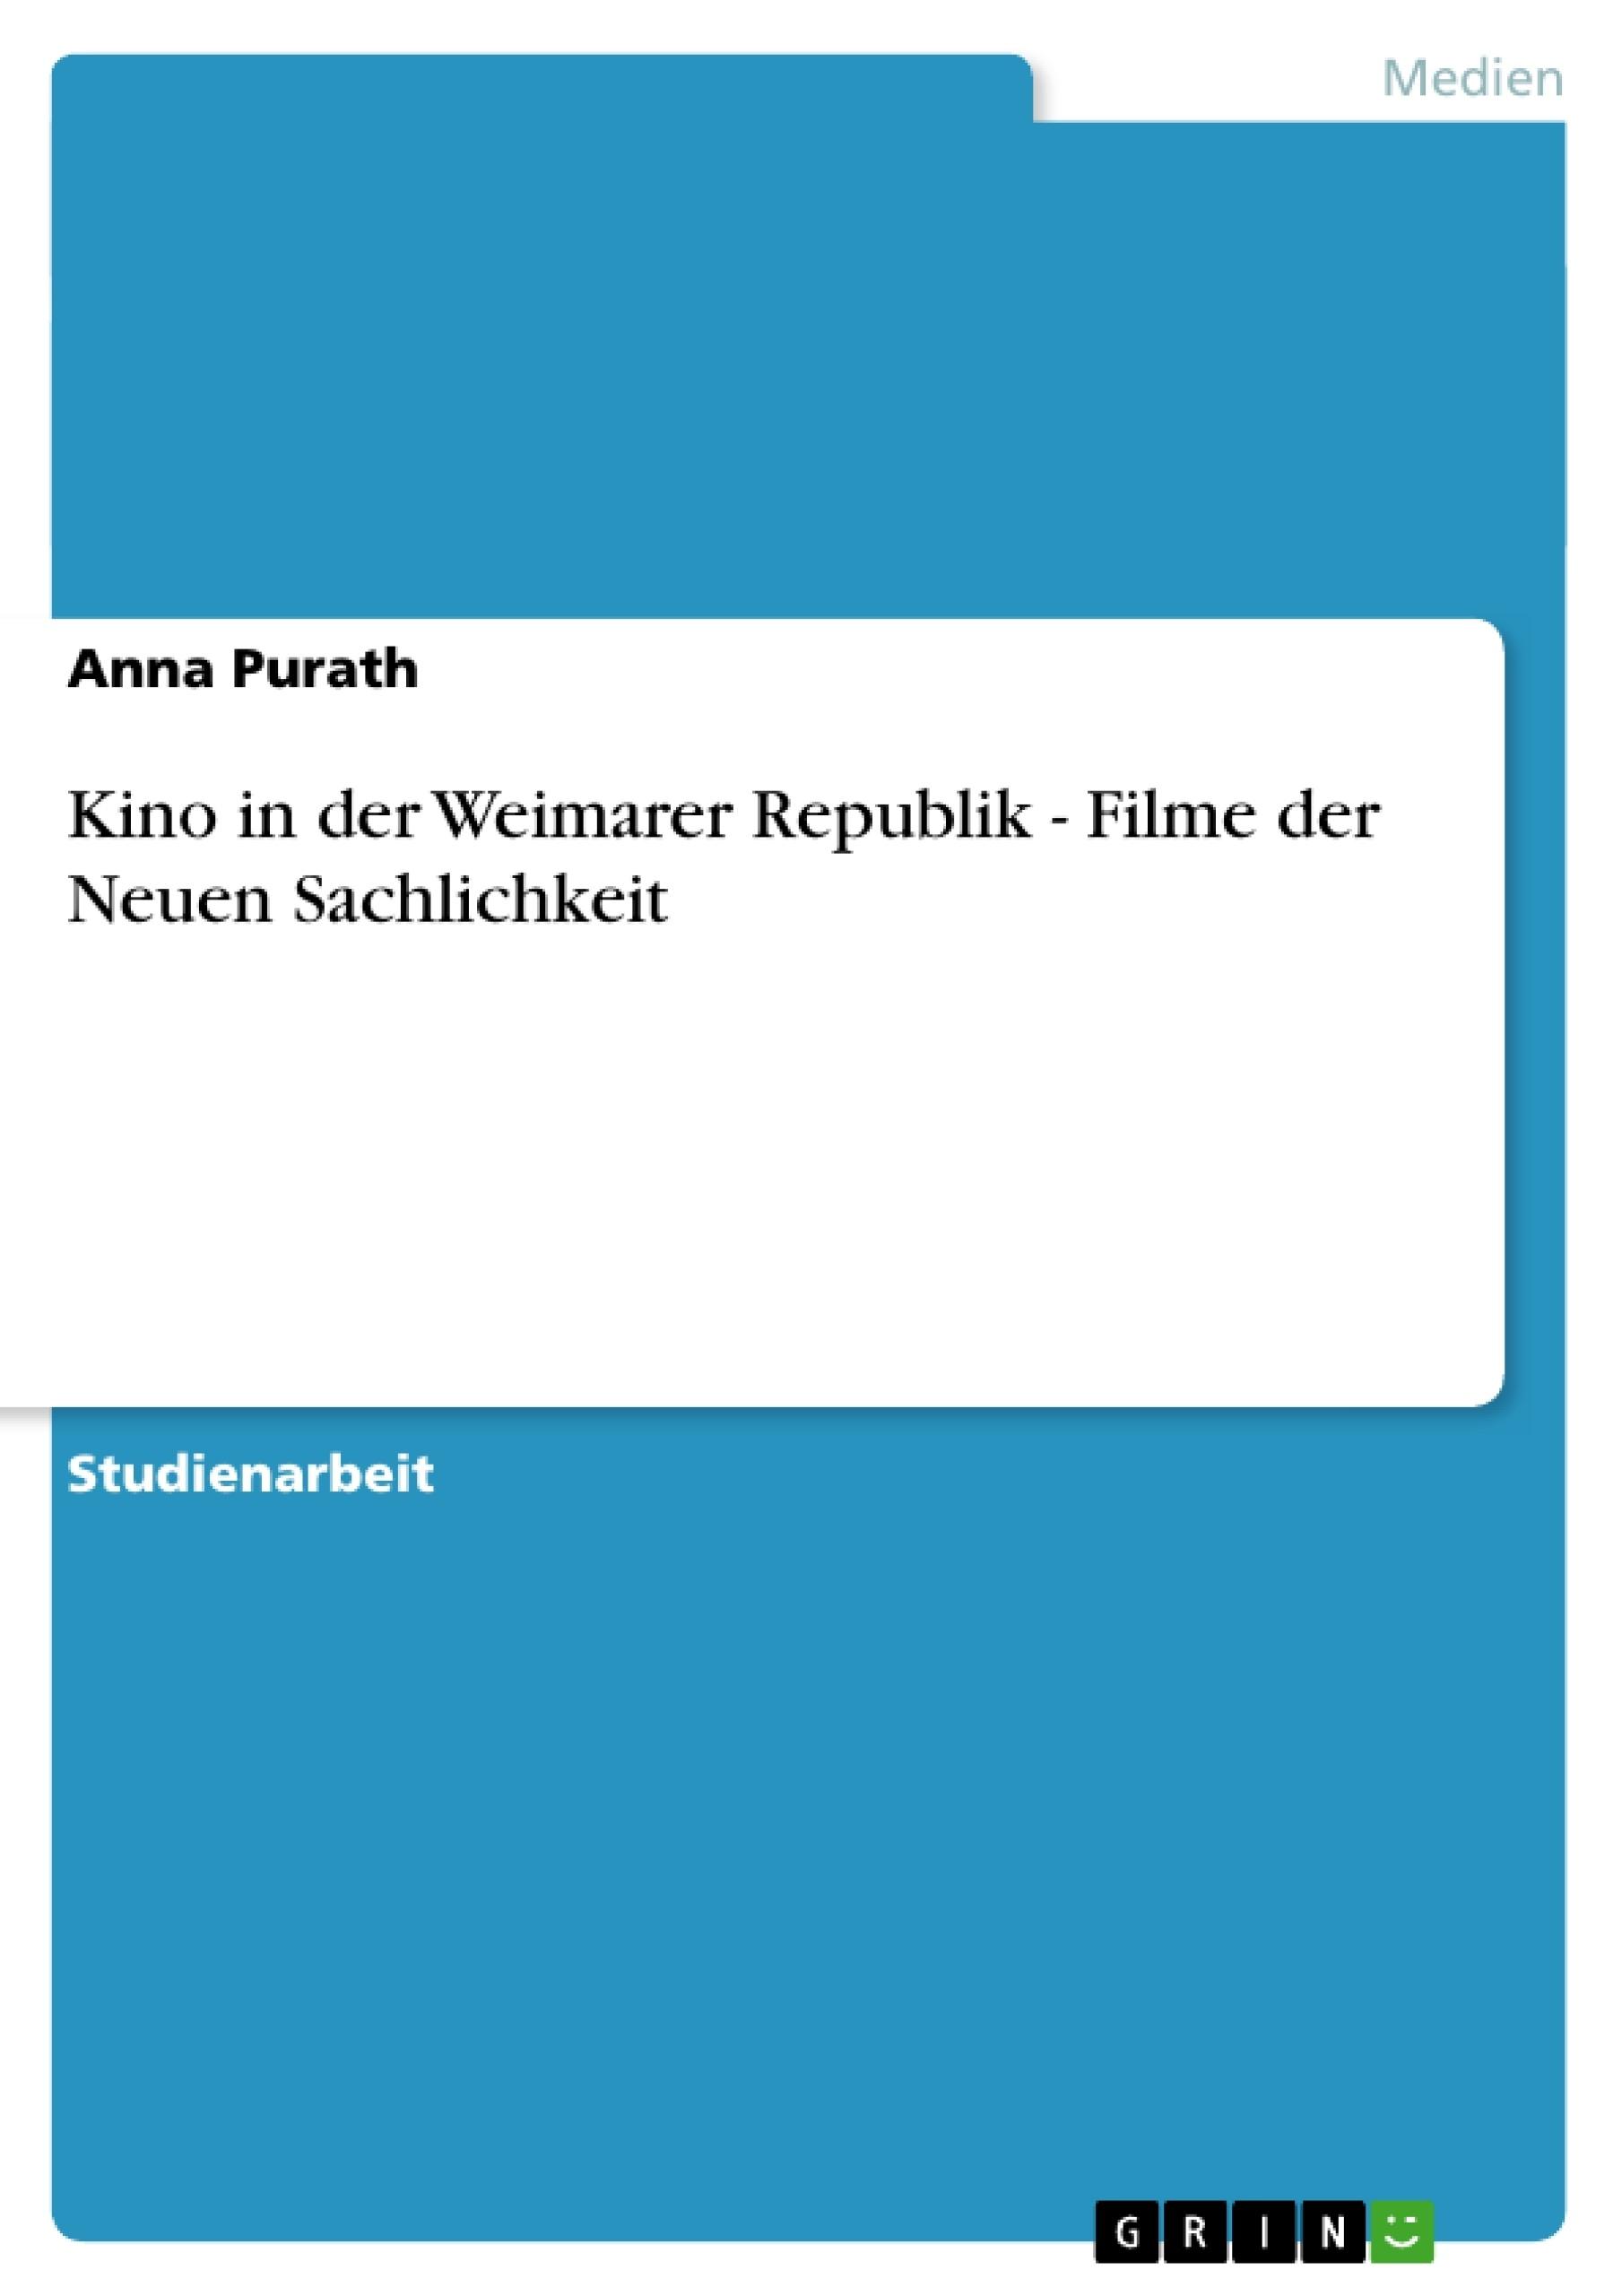 Titel: Kino in der Weimarer Republik - Filme der Neuen Sachlichkeit